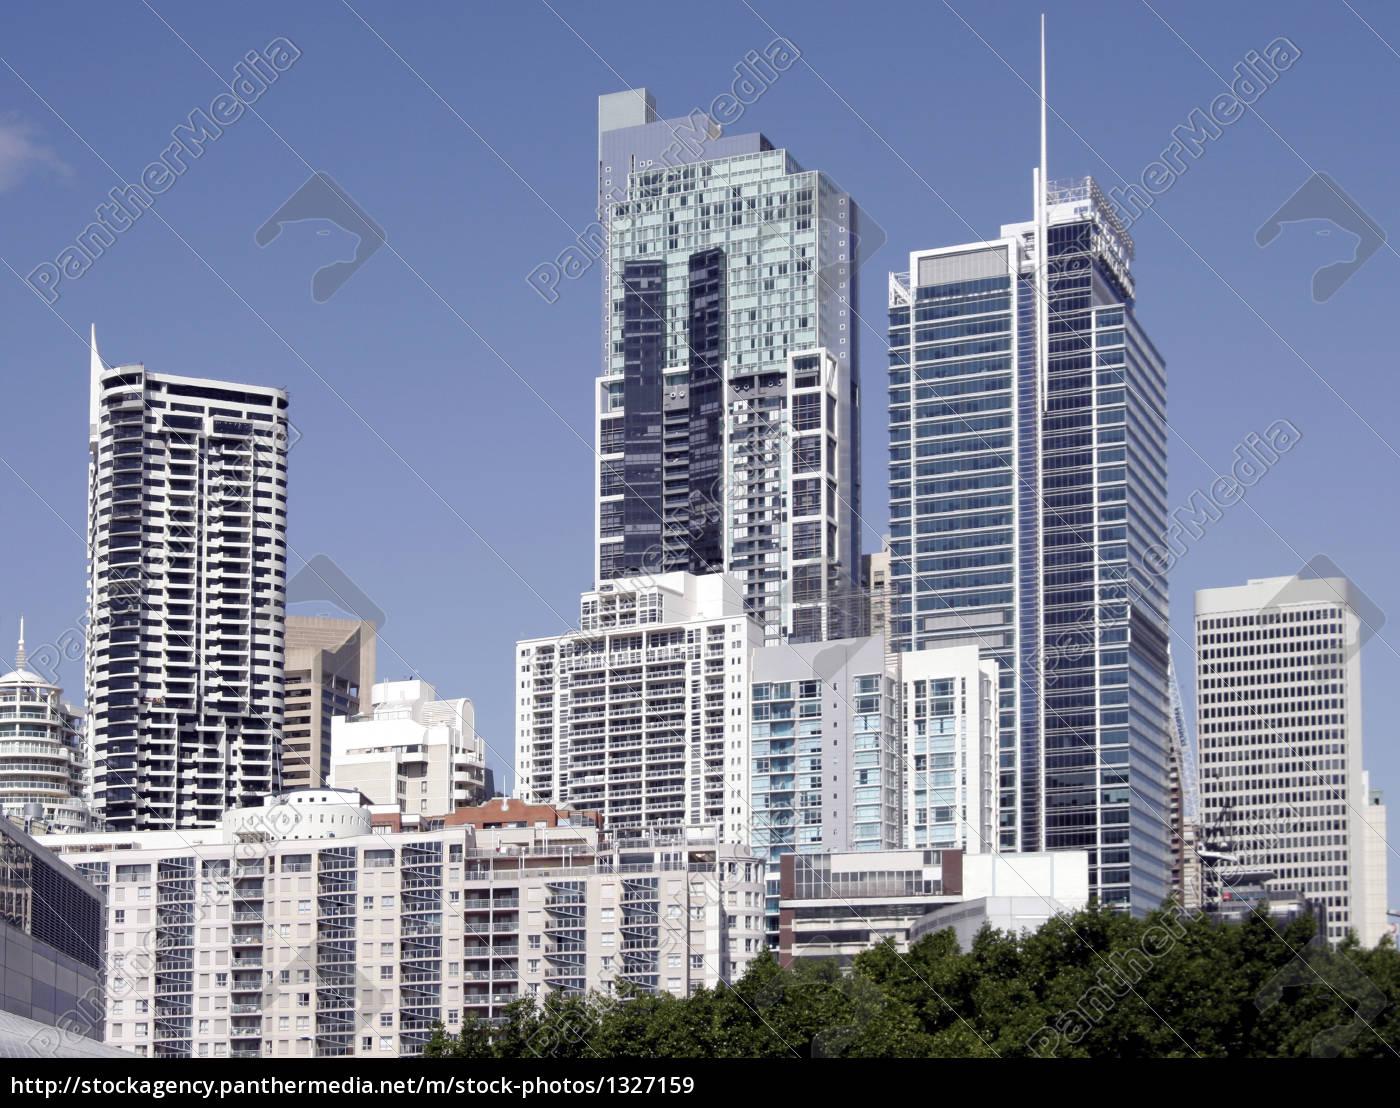 urban, building - 1327159